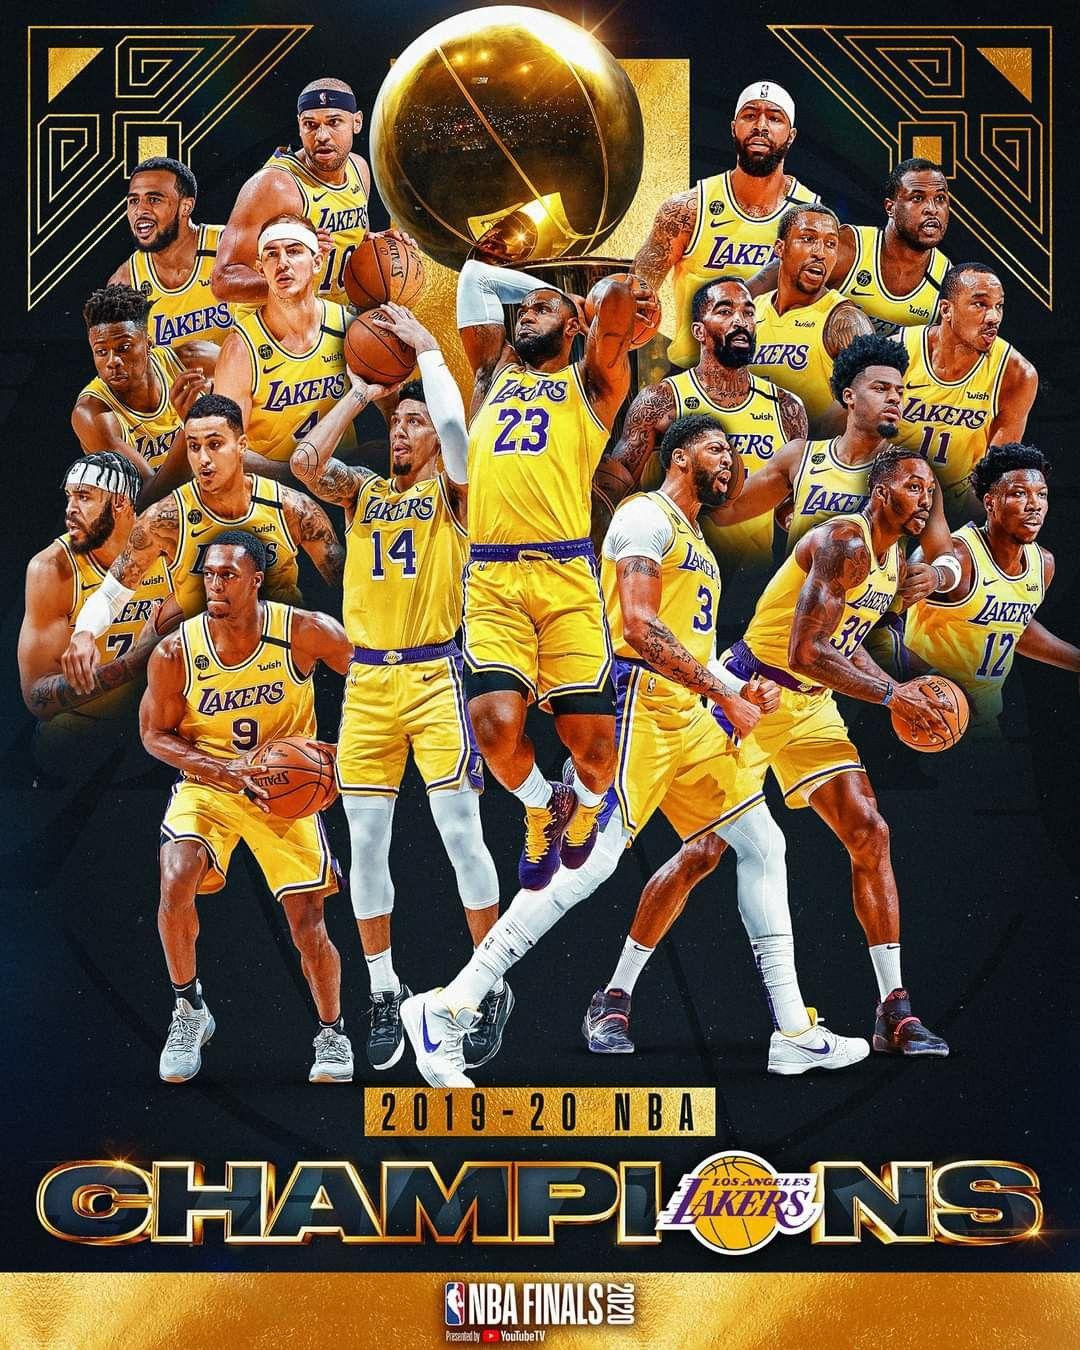 Your 2019 2020 Nba World Champions En 2020 Jugadores De Baloncesto Deportes Baloncesto